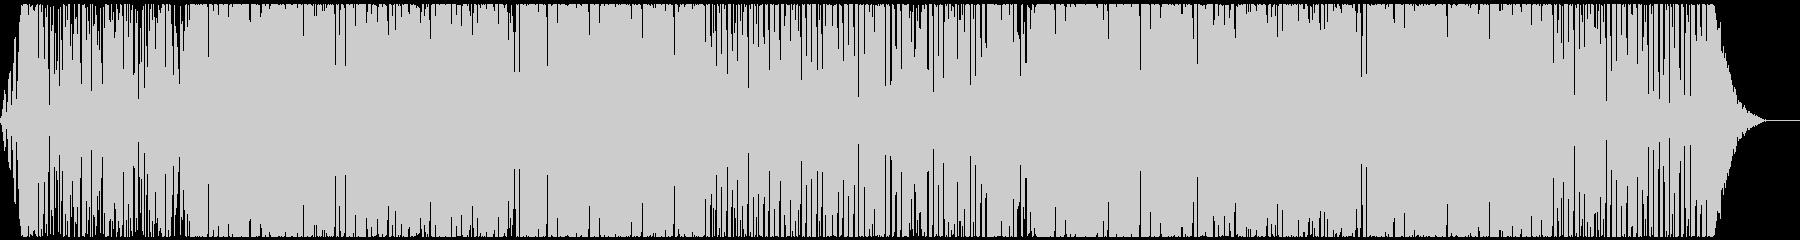 気分を盛り上げるメロディックハウスの未再生の波形